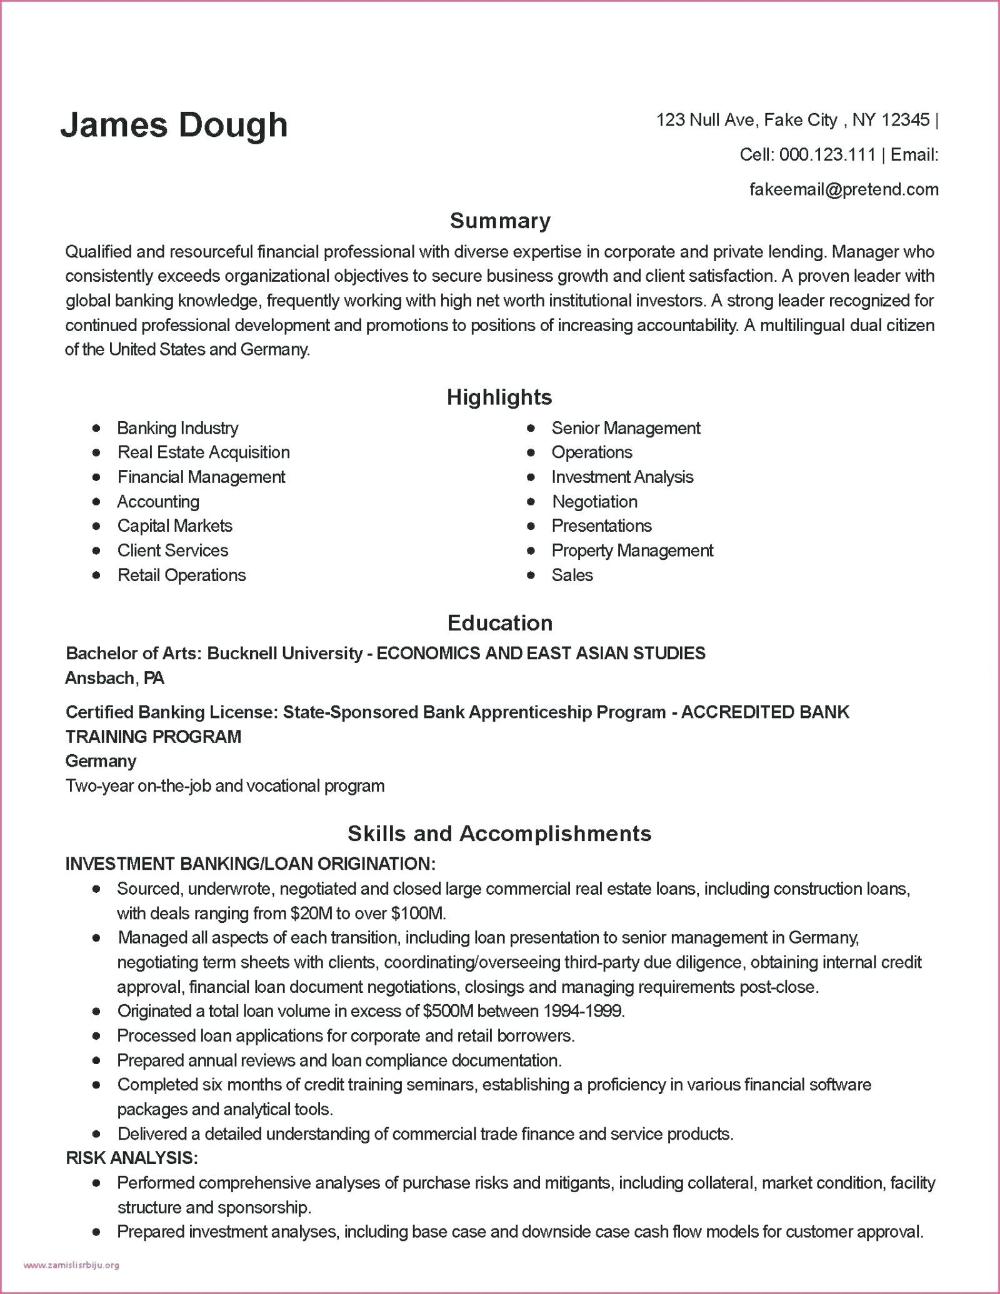 Resume Sample Sample Resume For Deloitte Sample Resume For Deloitte Resume Sampl Cover Letter For Resume New Grad Nursing Resume Resume Cover Letter Examples